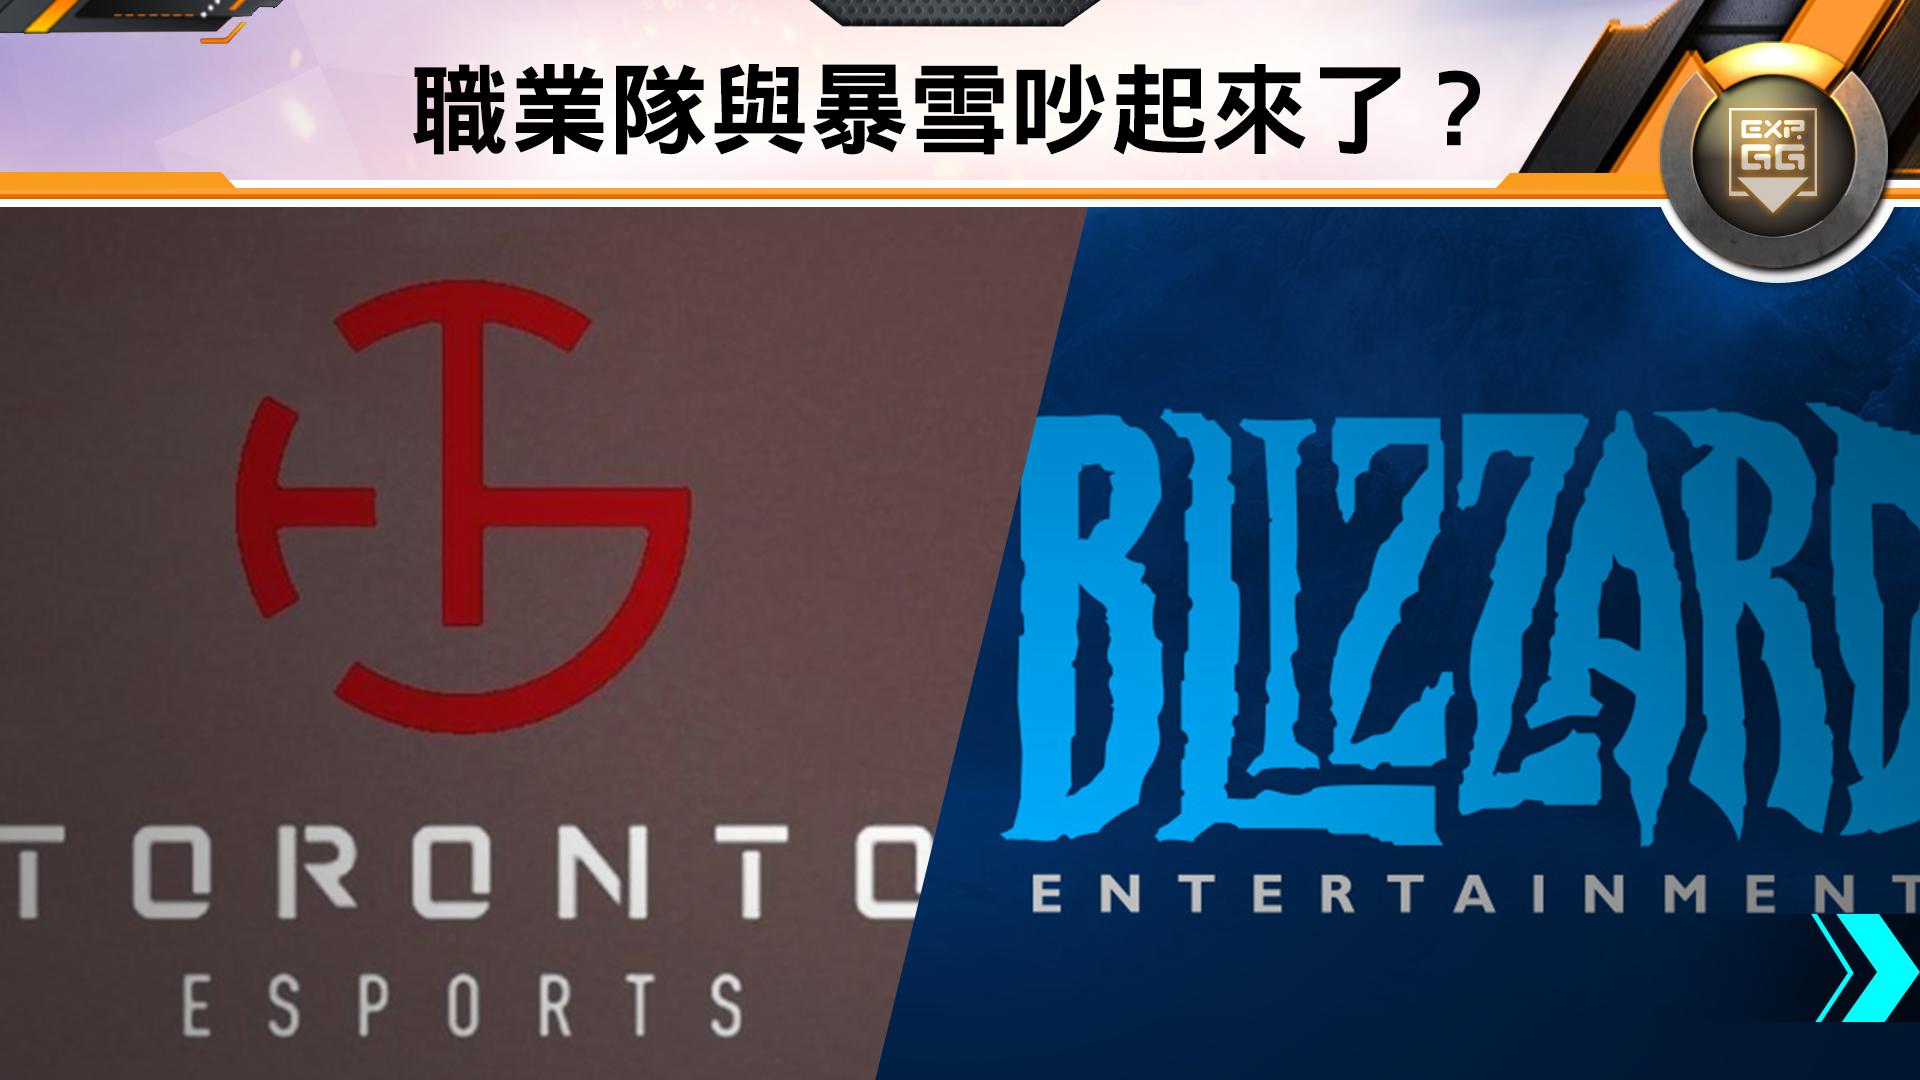 《鬥陣特攻》Toronto Esports 被暴雪要求改名!不爽就解散?-EXP.GG